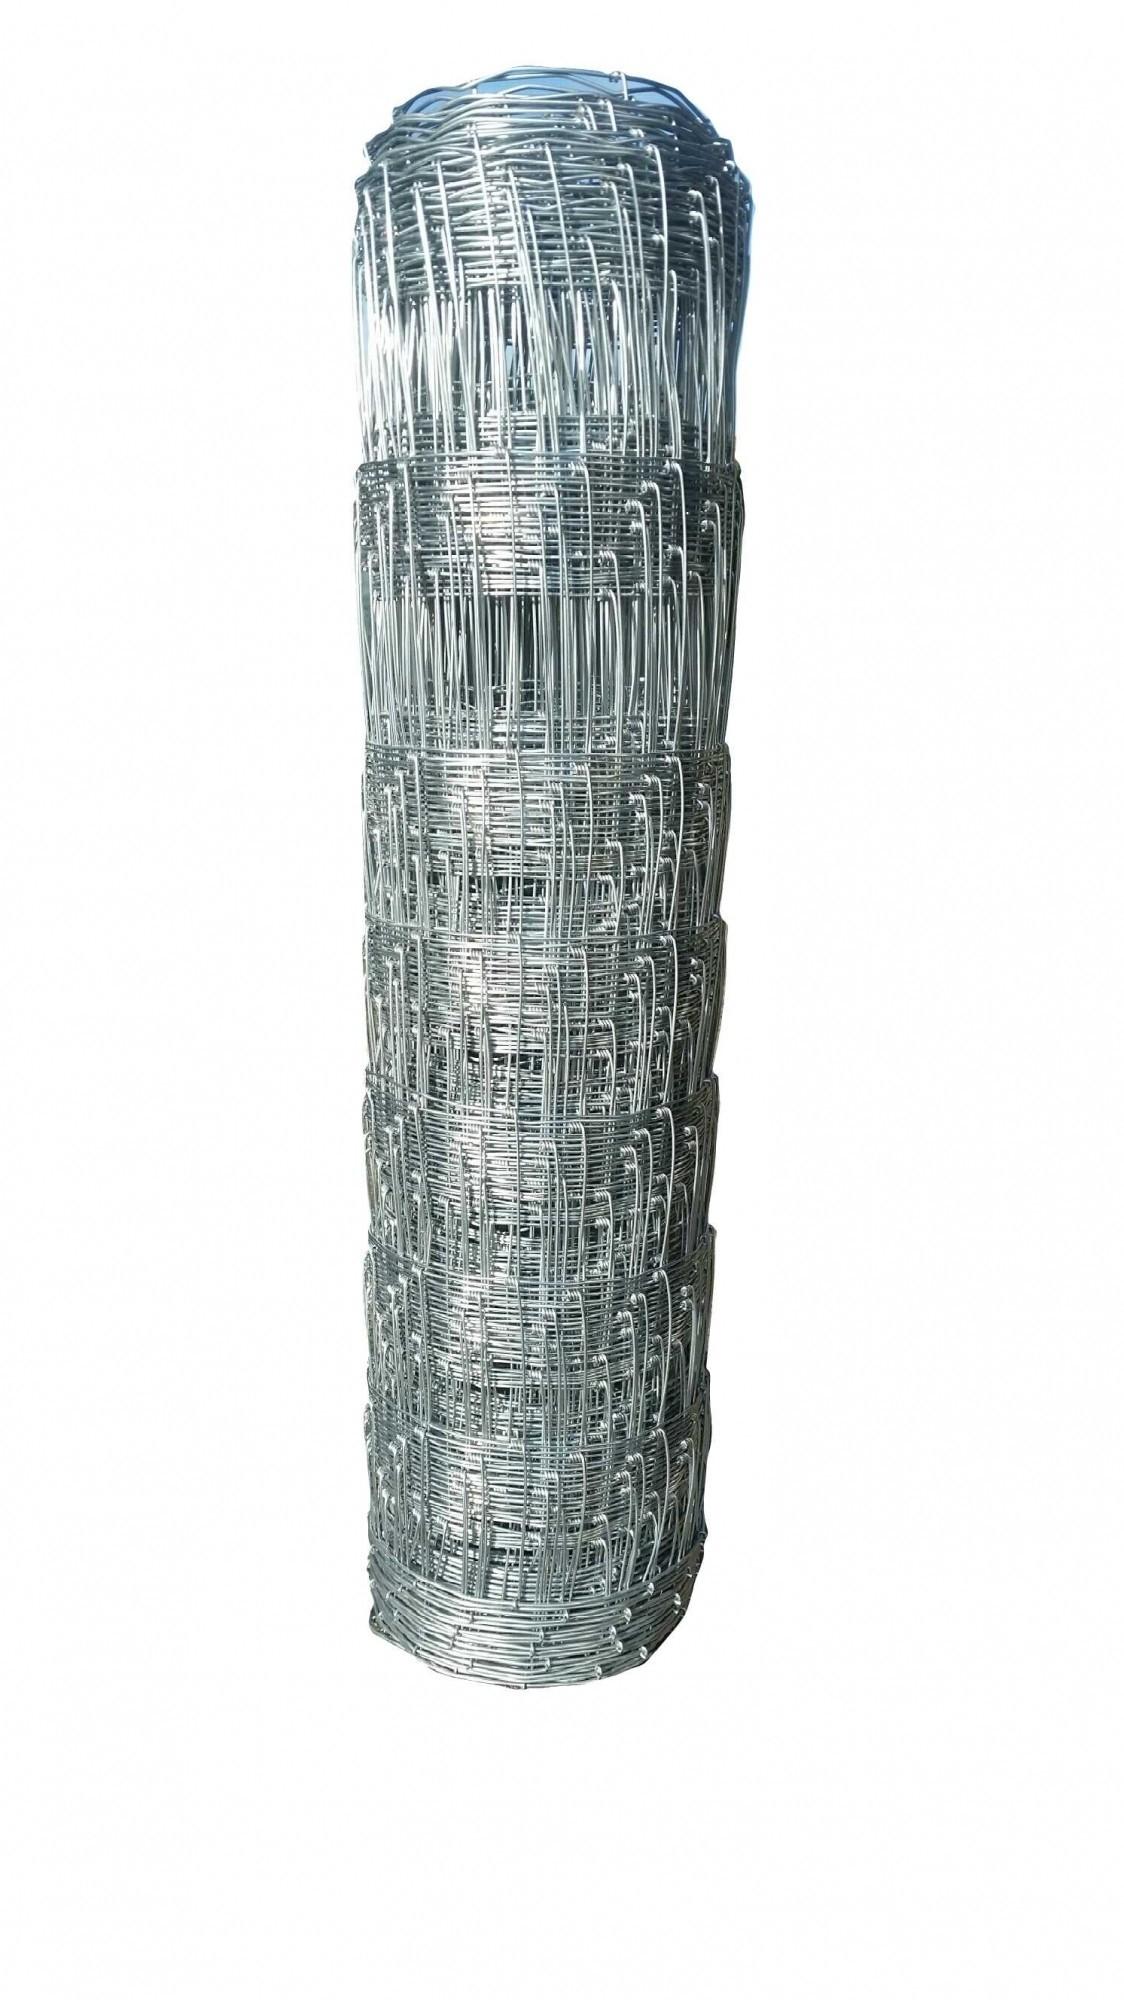 Schapengaas 80cm hoog x 8 draads 50mtr